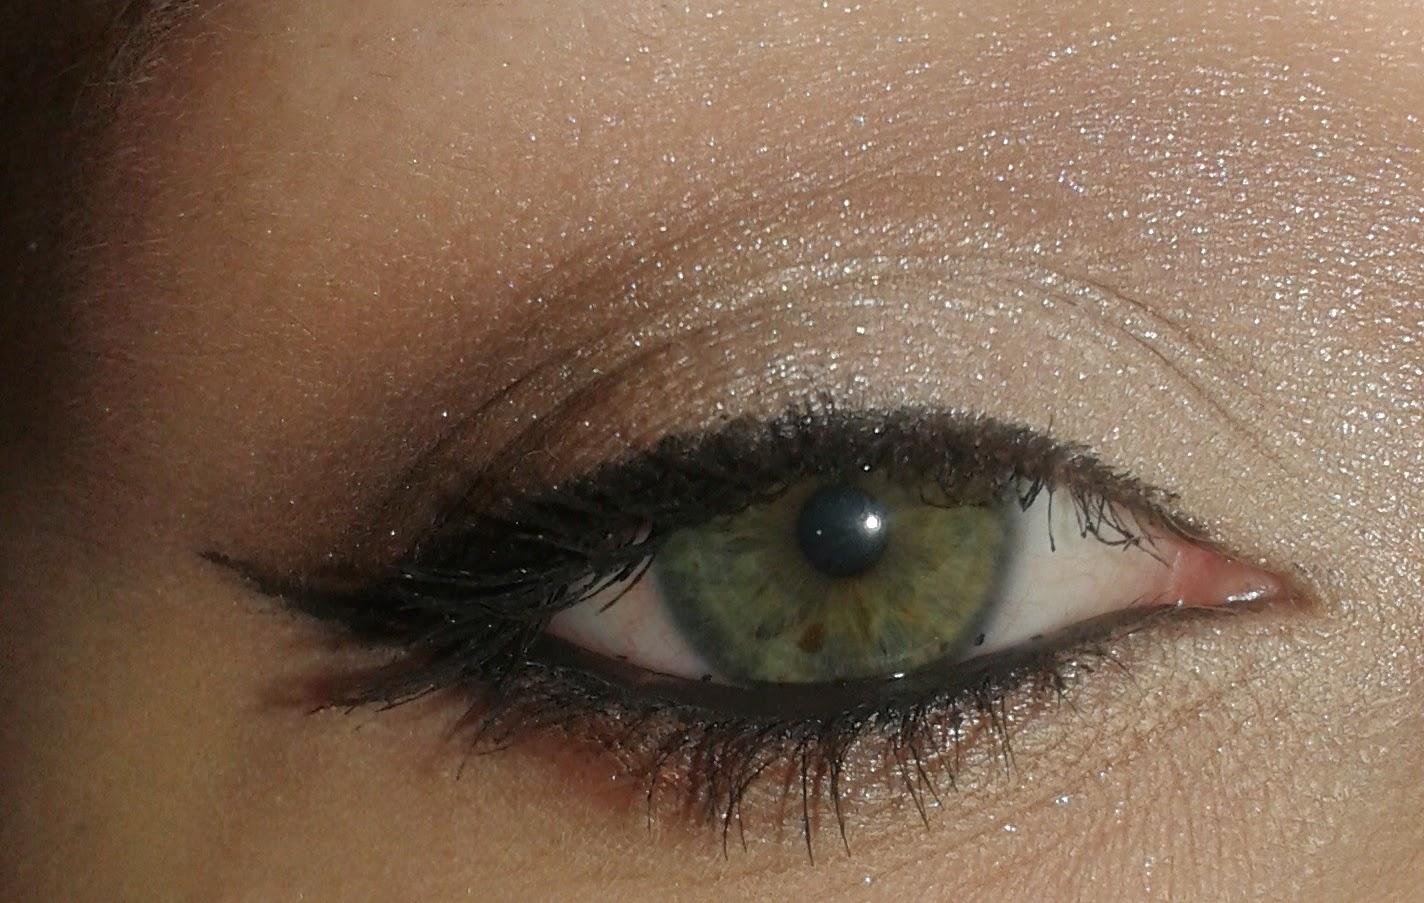 Nowa formuła cieni Sensique + dzienny makijaż